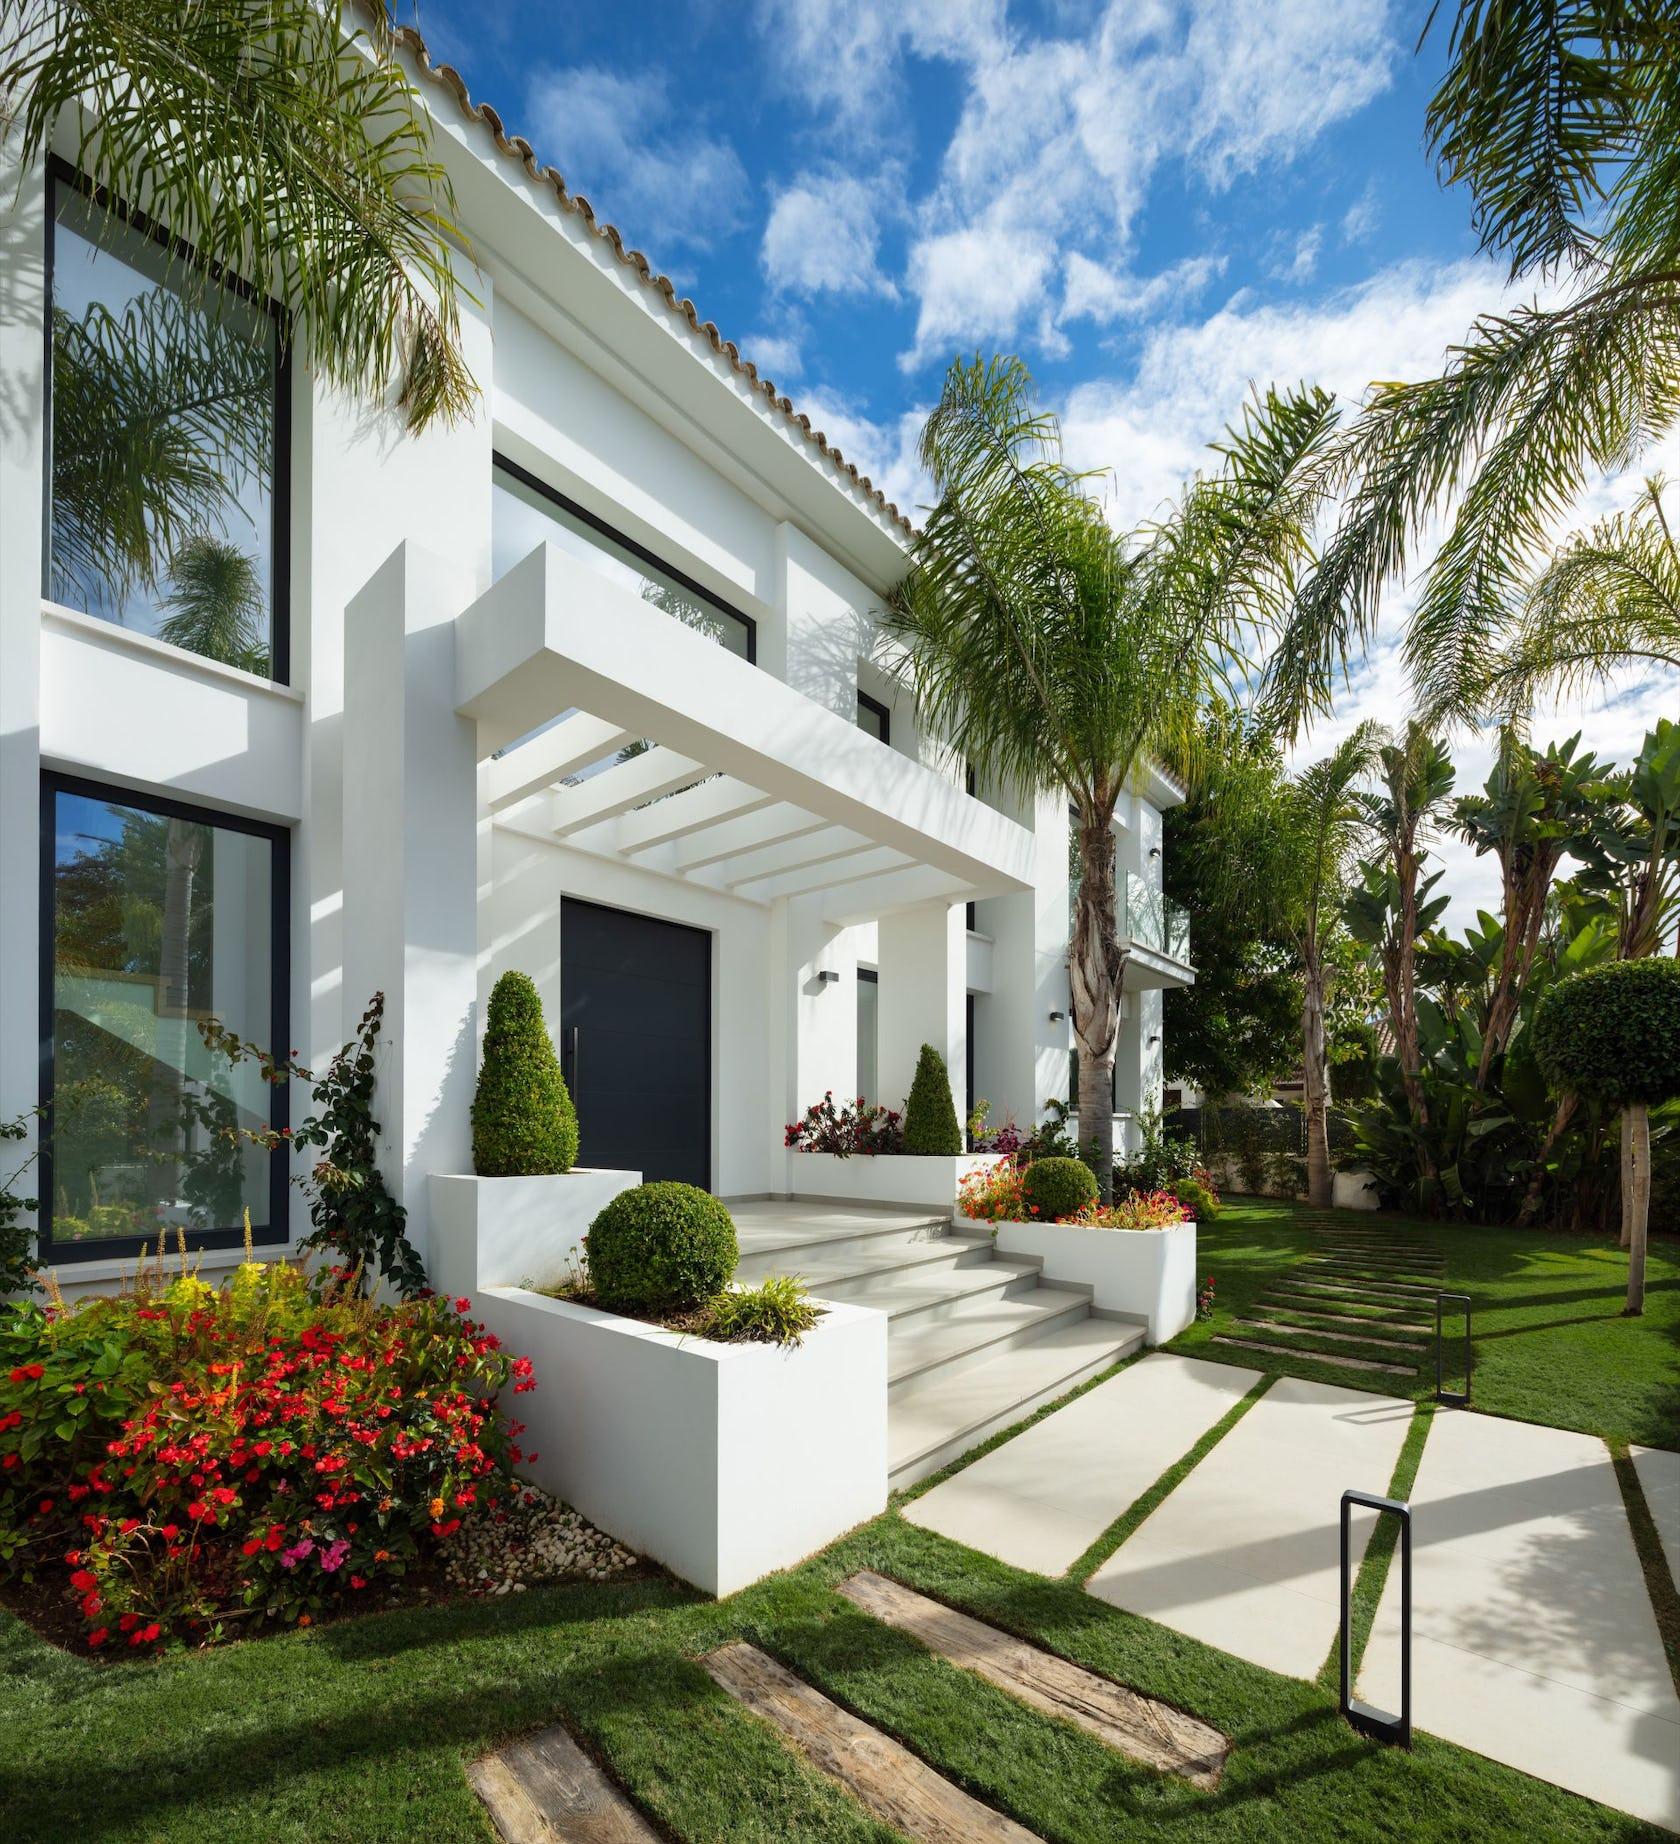 outdoors housing building garden arbour villa house flagstone